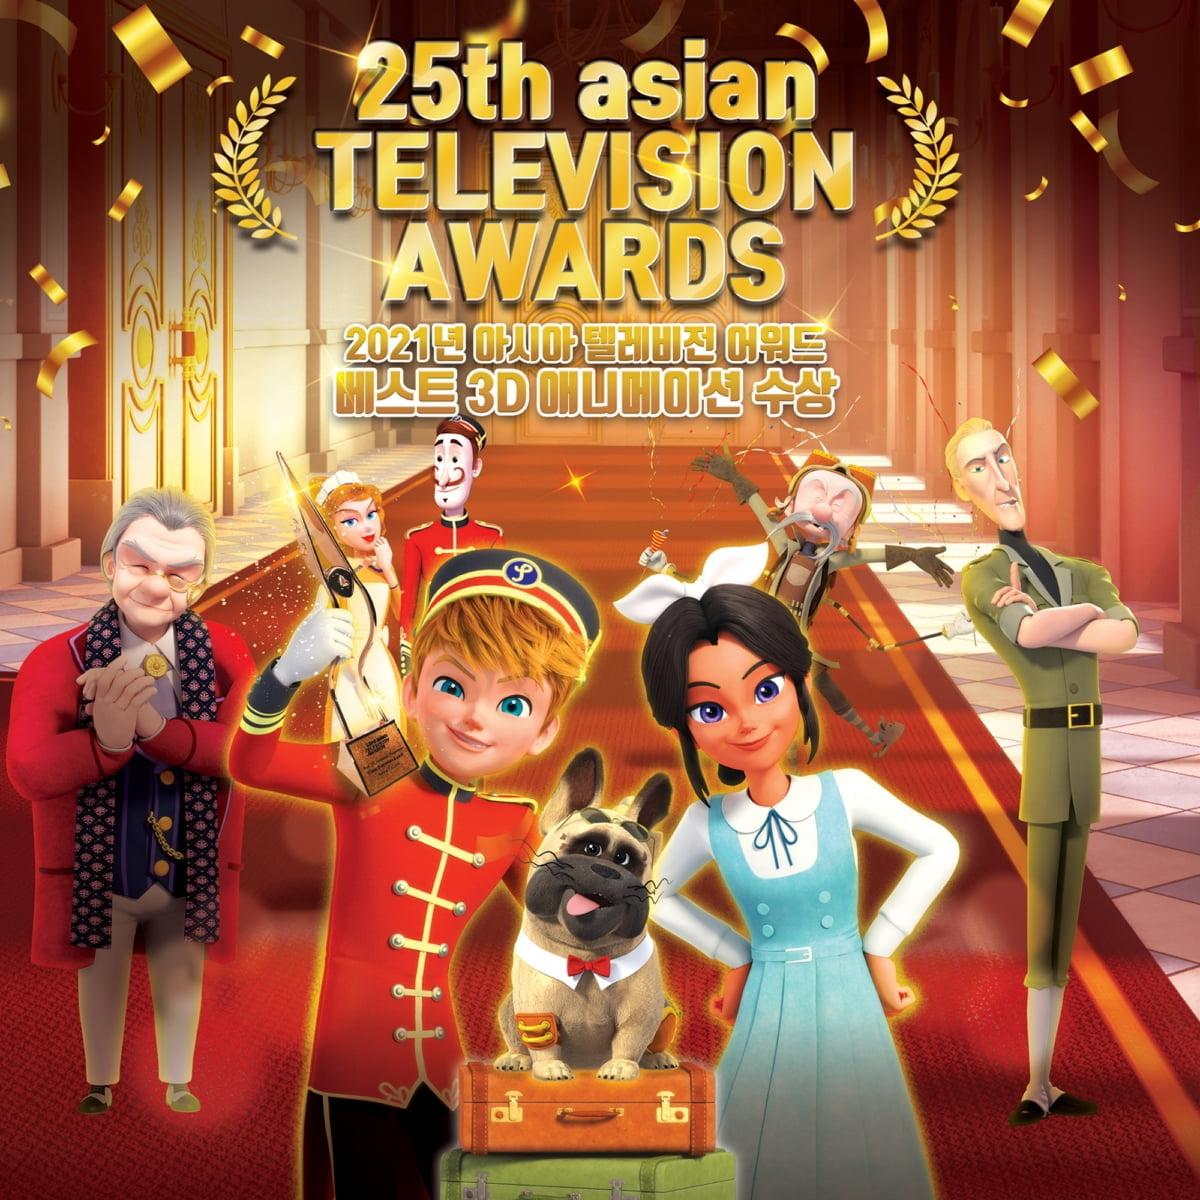 대원미디어 투자 3D 애니, 시간여행자 루크 ATA 프로그램상 수상